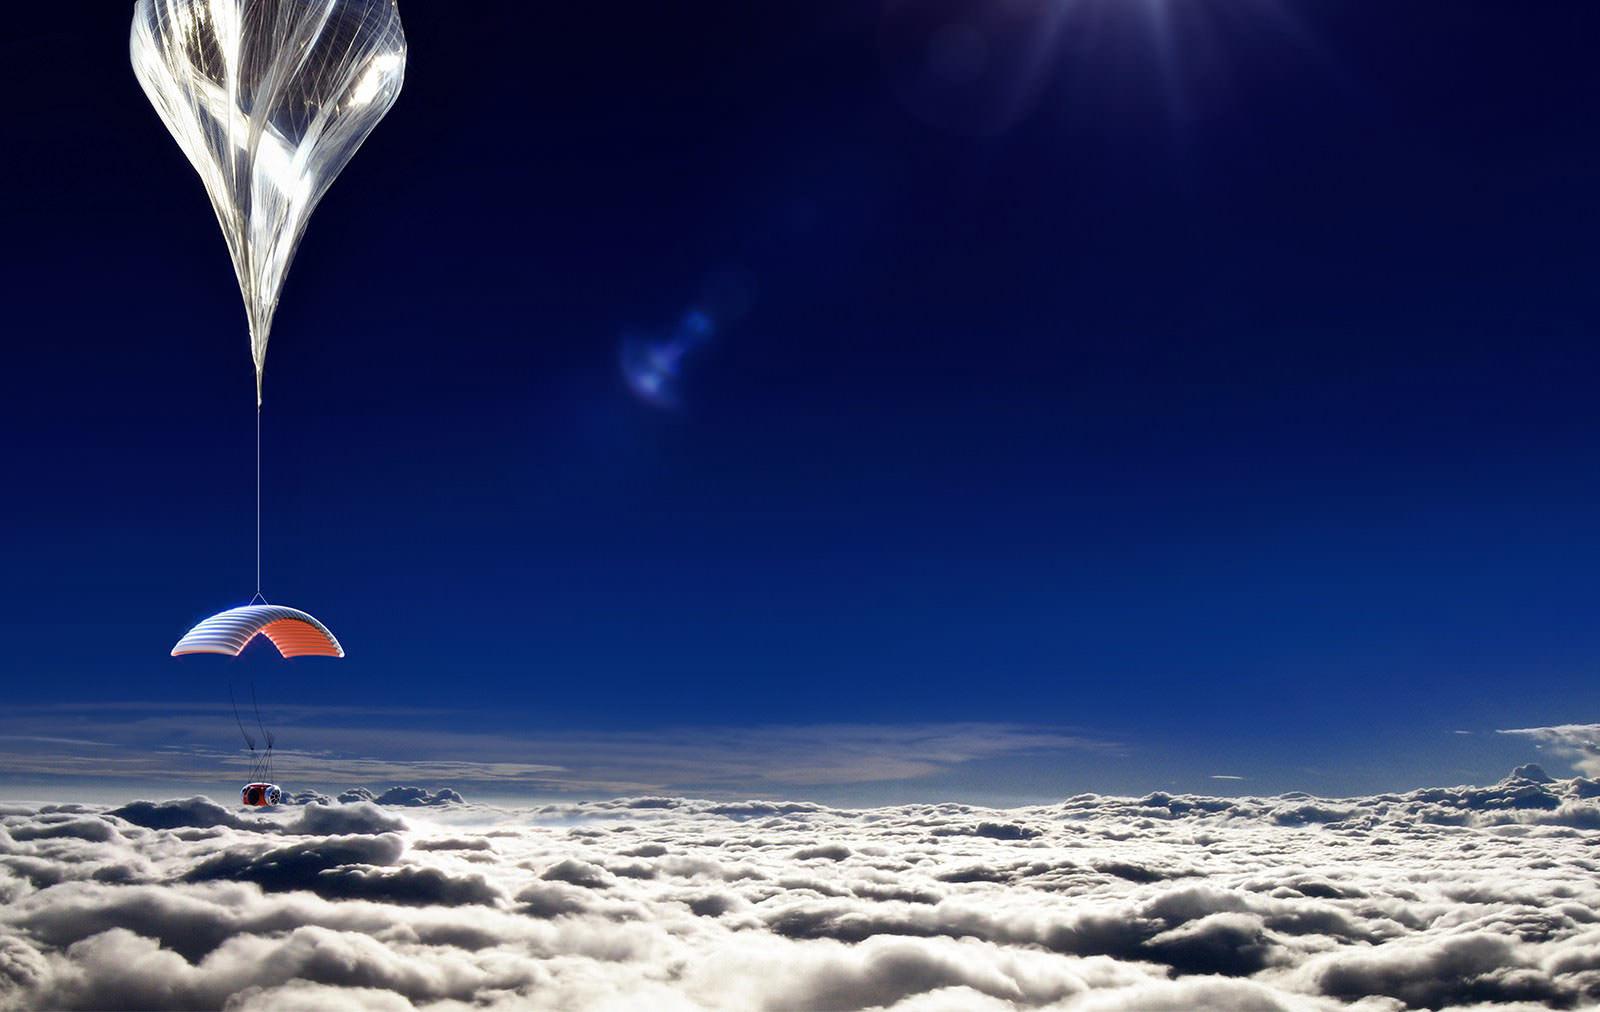 La capsula elevándose a la estratosfera